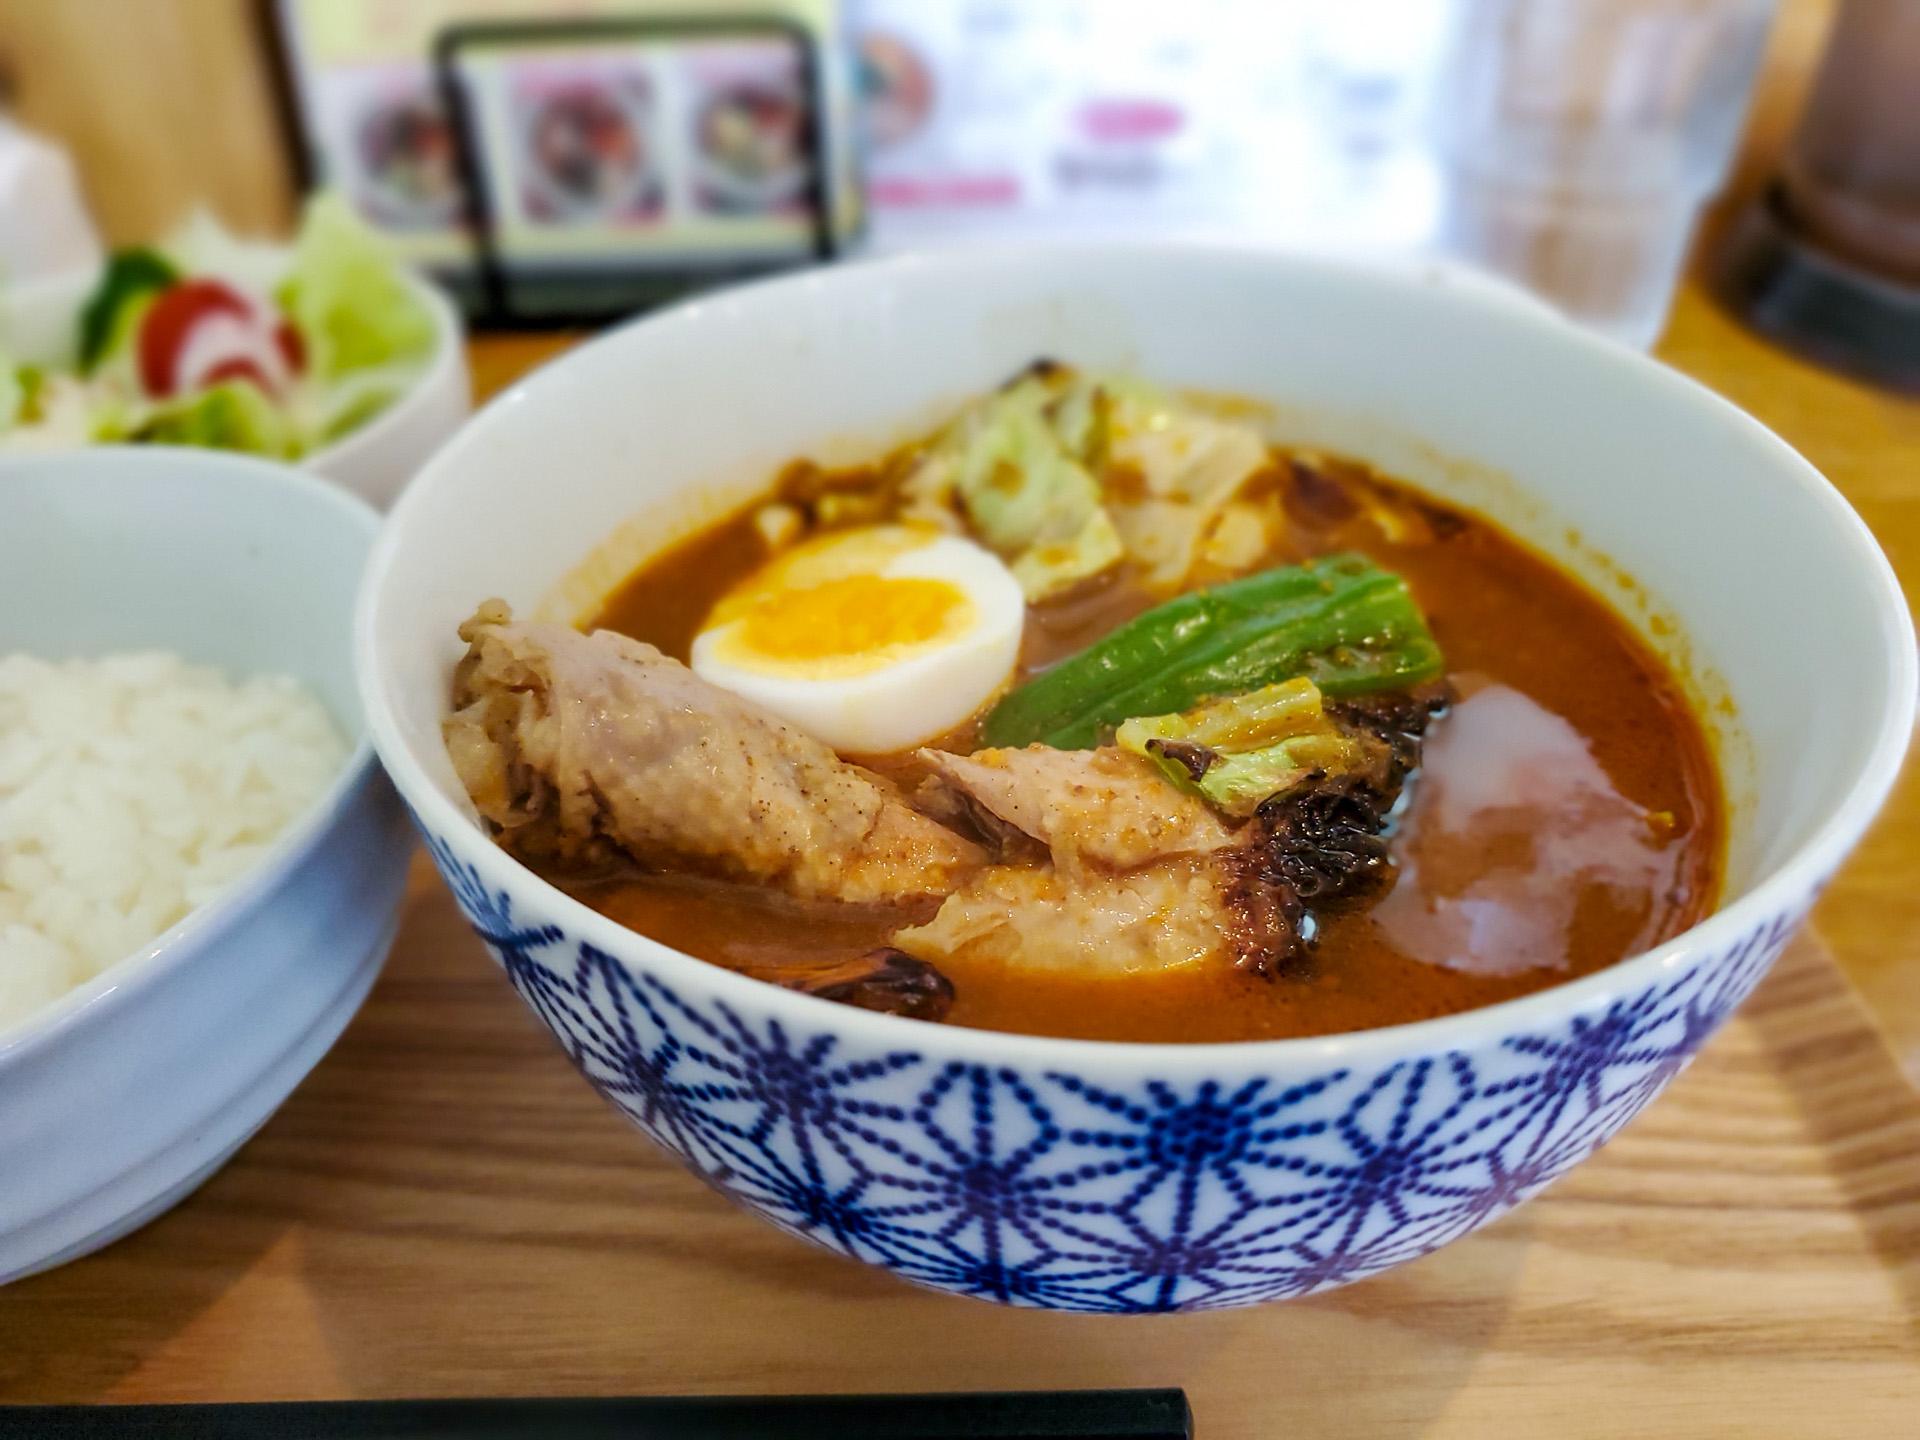 お得な「スープカレー定食」で猛暑をのりきれ!(スープカレー34) 7